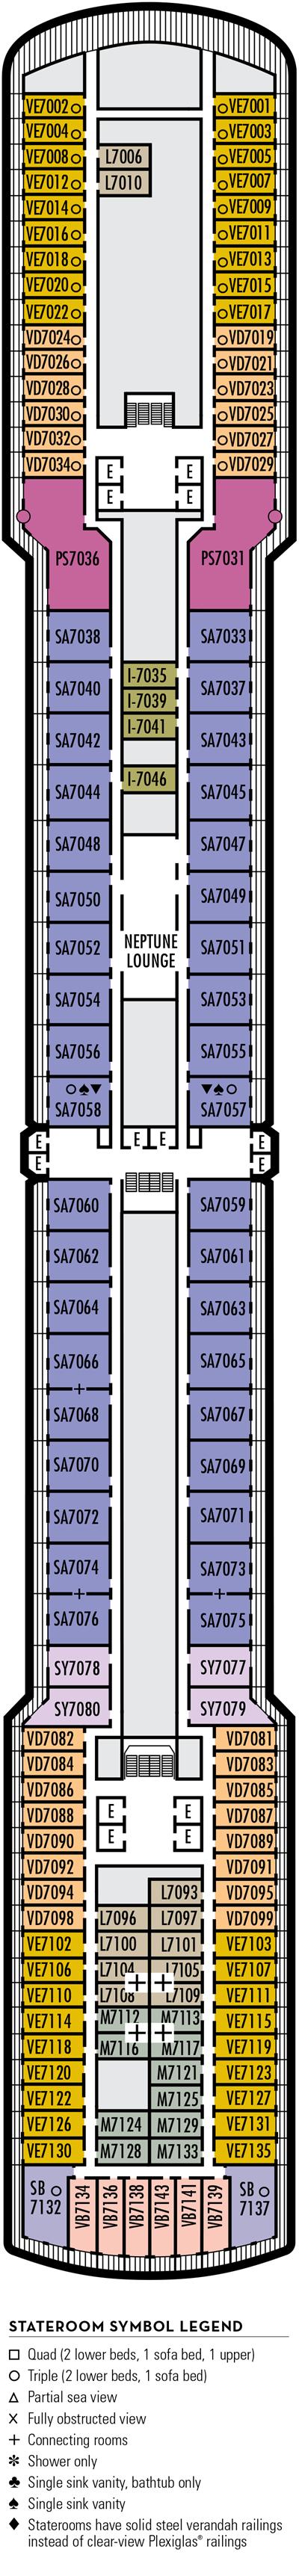 Deck 7 - HAL's Eurodam